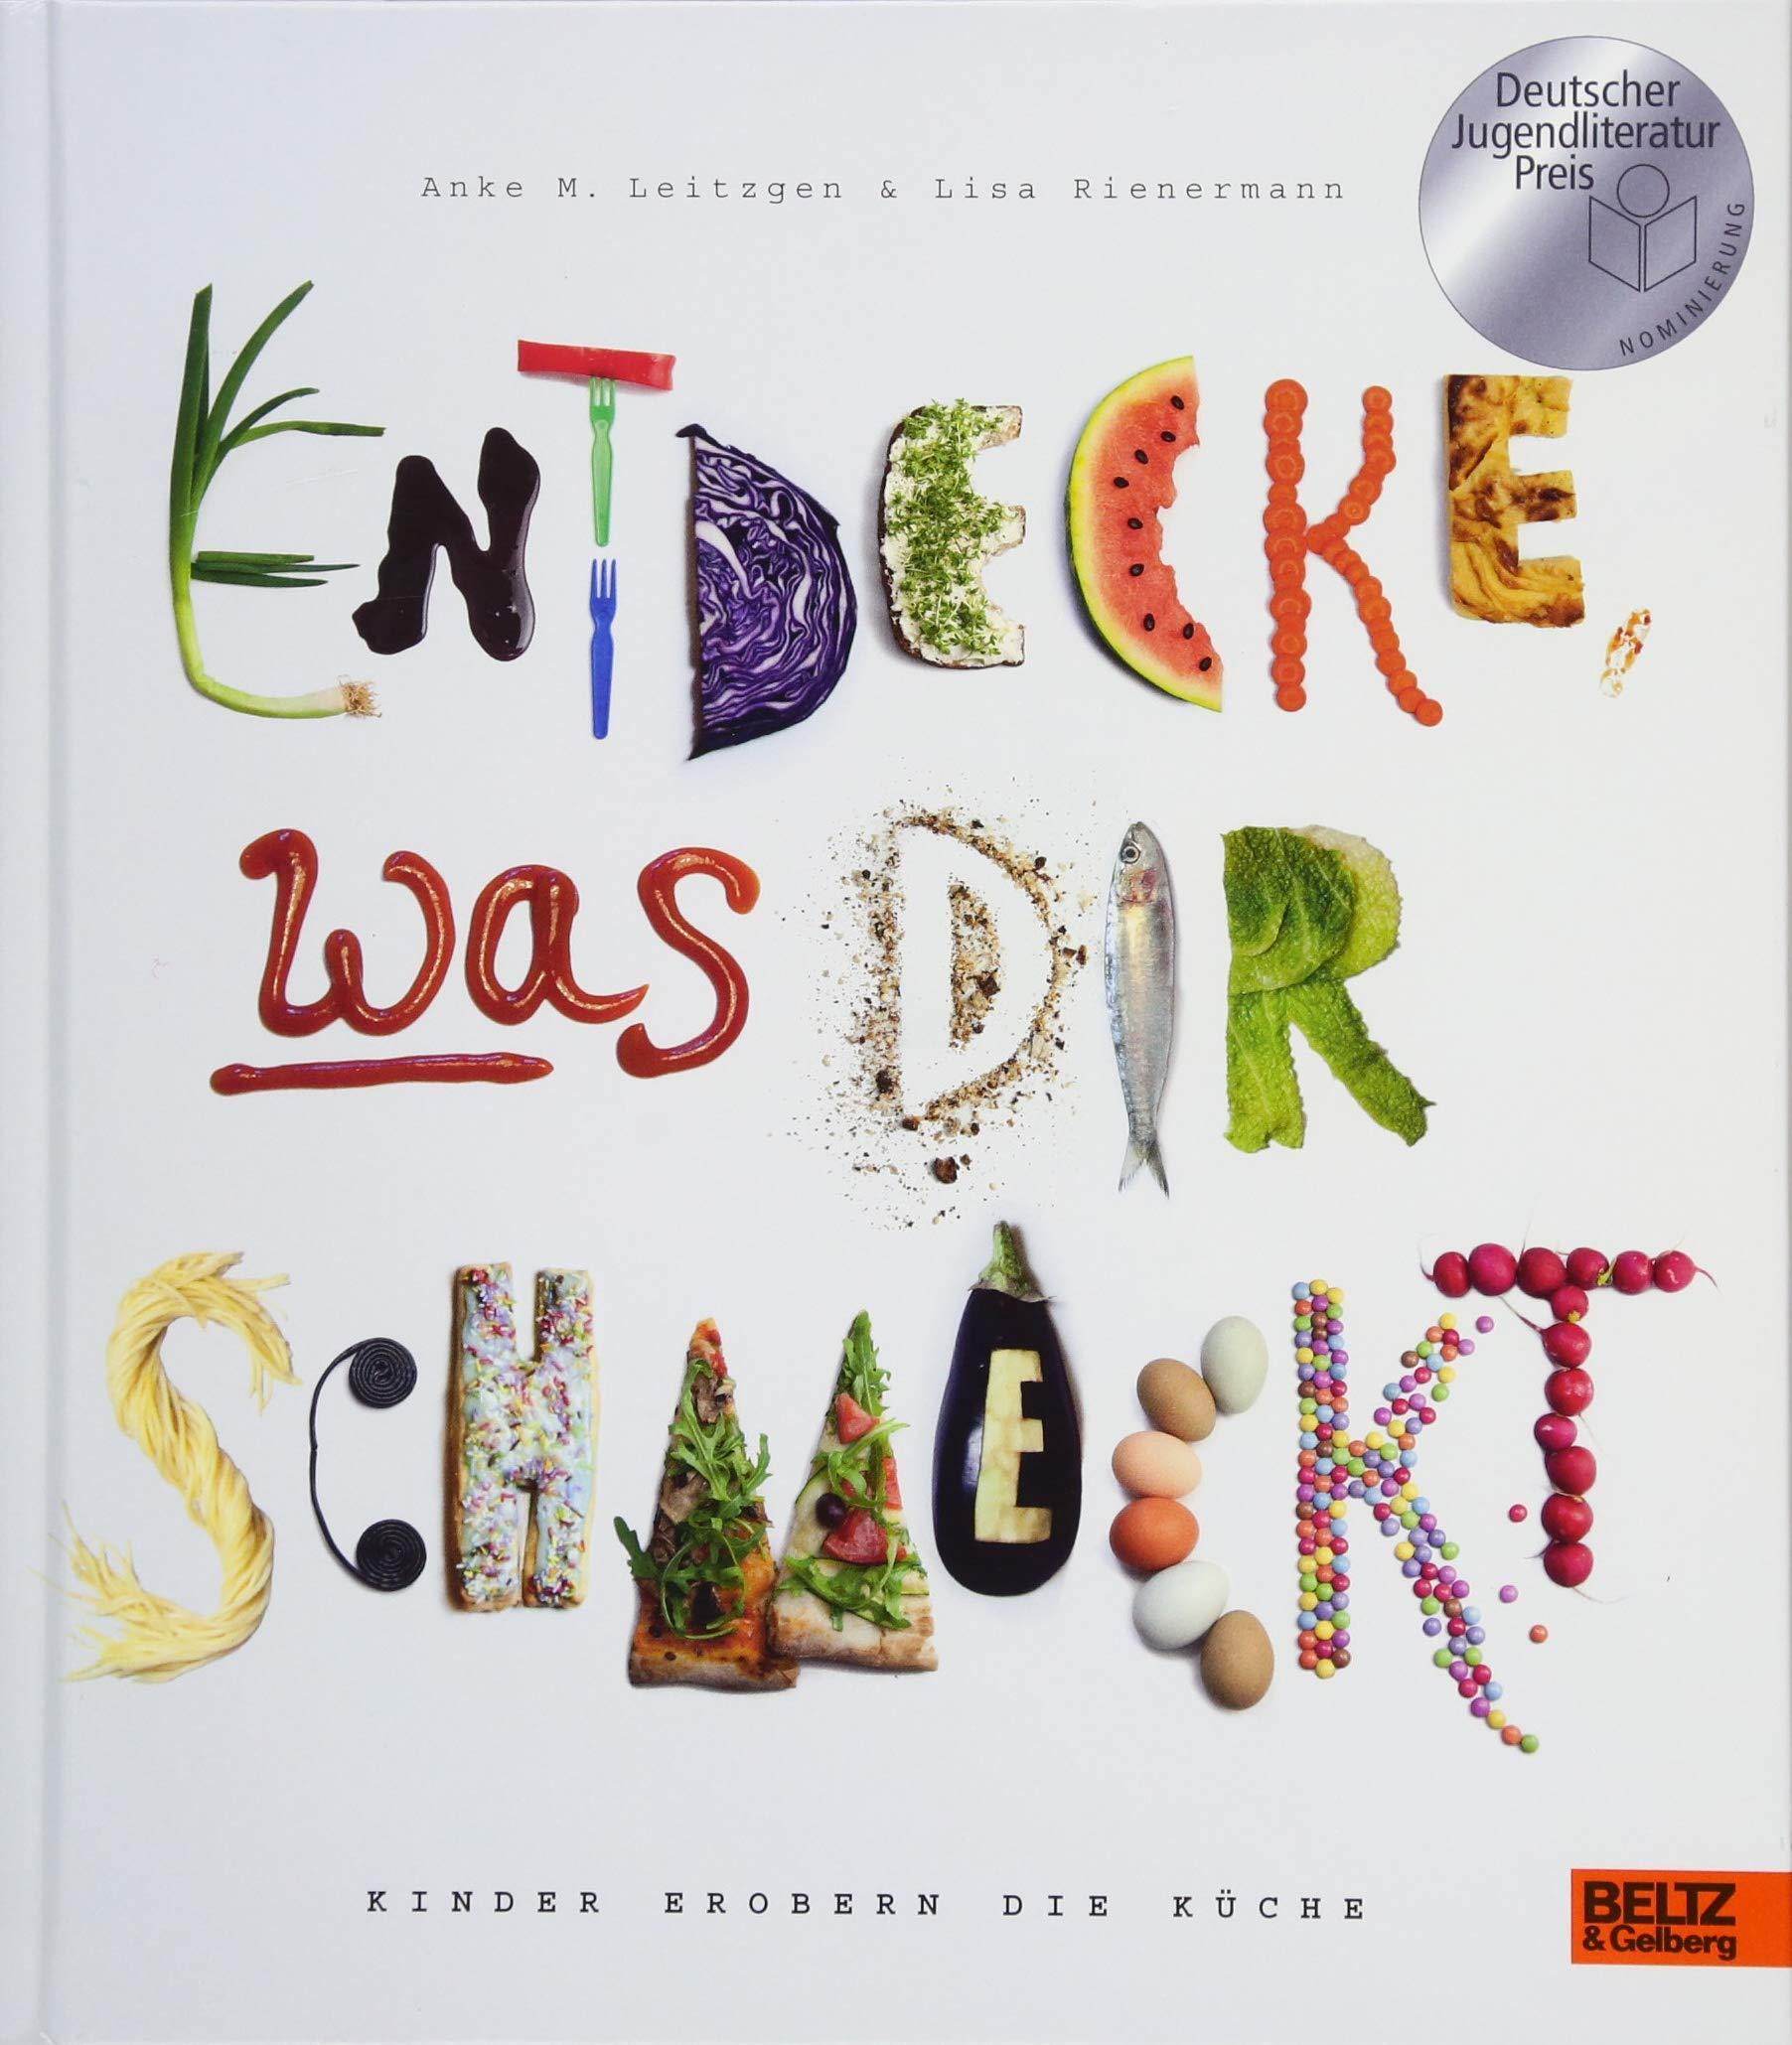 Entdecke, was dir schmeckt: Kinder erobern die Küche: Amazon.de ...